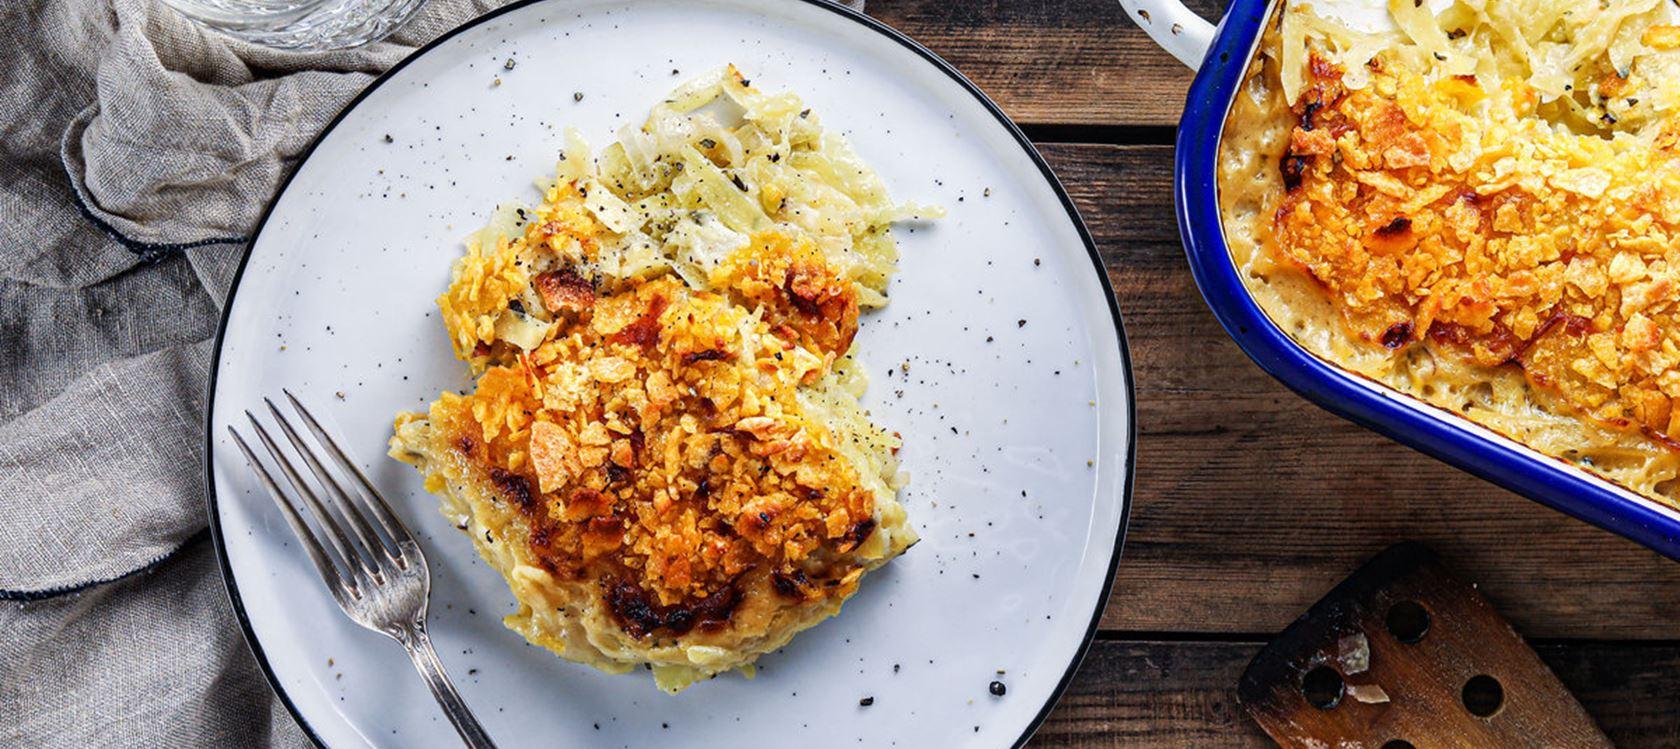 Kartoffelgratin mit knusprigem Cornflakes-Topping powered by KptnCook